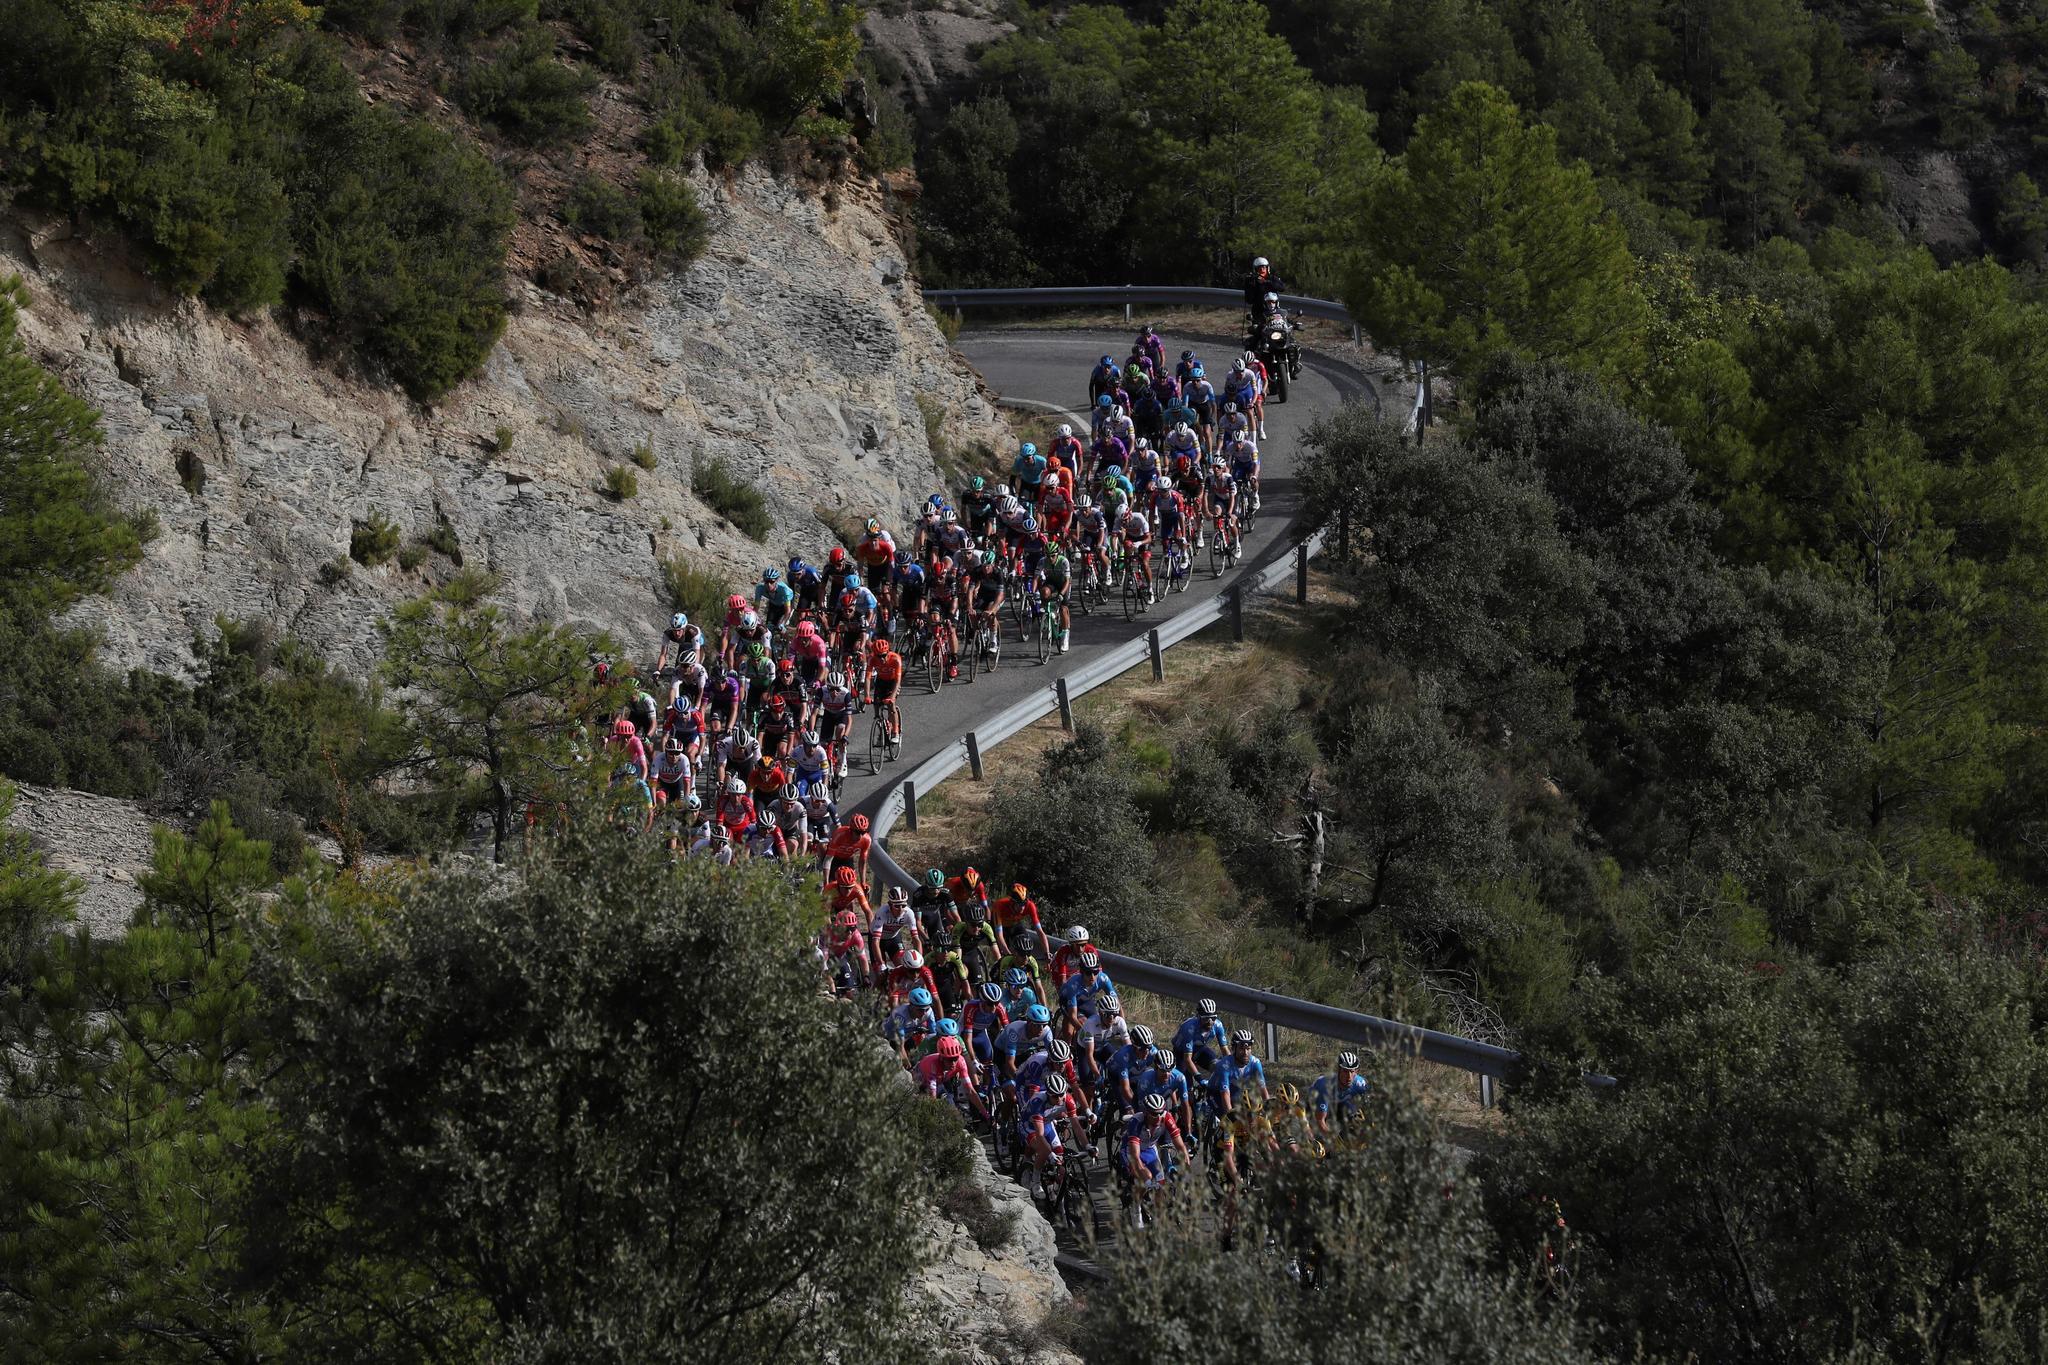 GRAF7078. SABIÑÁNIGO (HUESCA), 24/10/2020.- El pelotón durante la quinta etapa de la lt;HIT gt;Vuelta lt;/HIT gt; Ciclista a España, entre Huesca y Sabiñánigo, de 184, 4 kilómetros. EFE/ Kiko Huesca